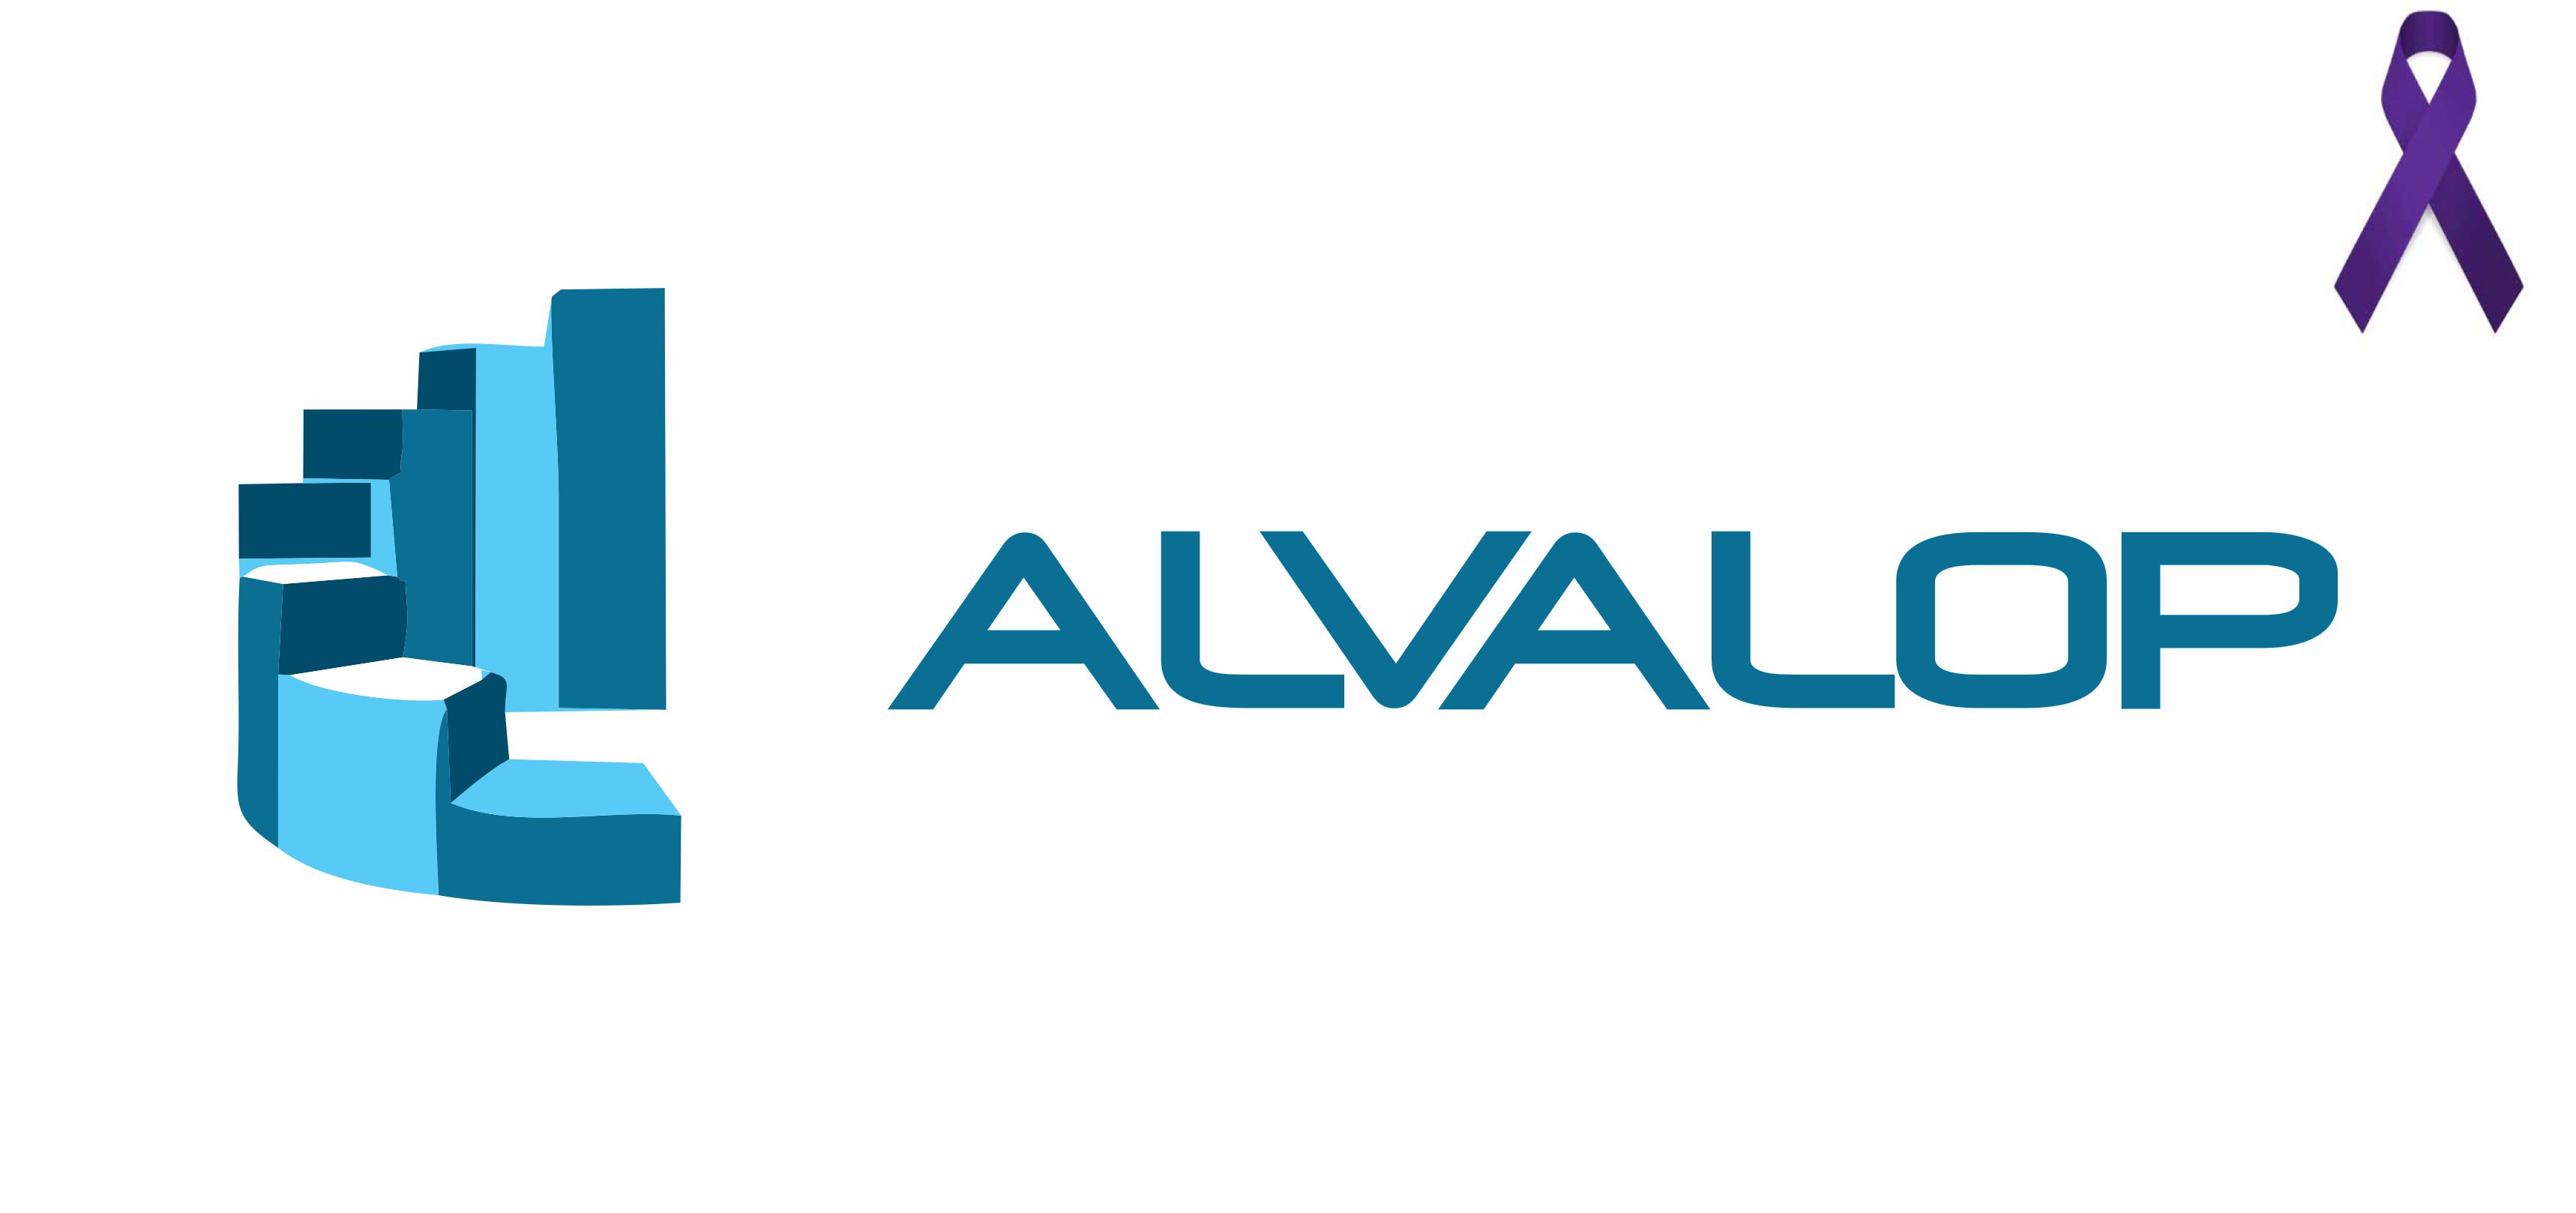 ALVALOP